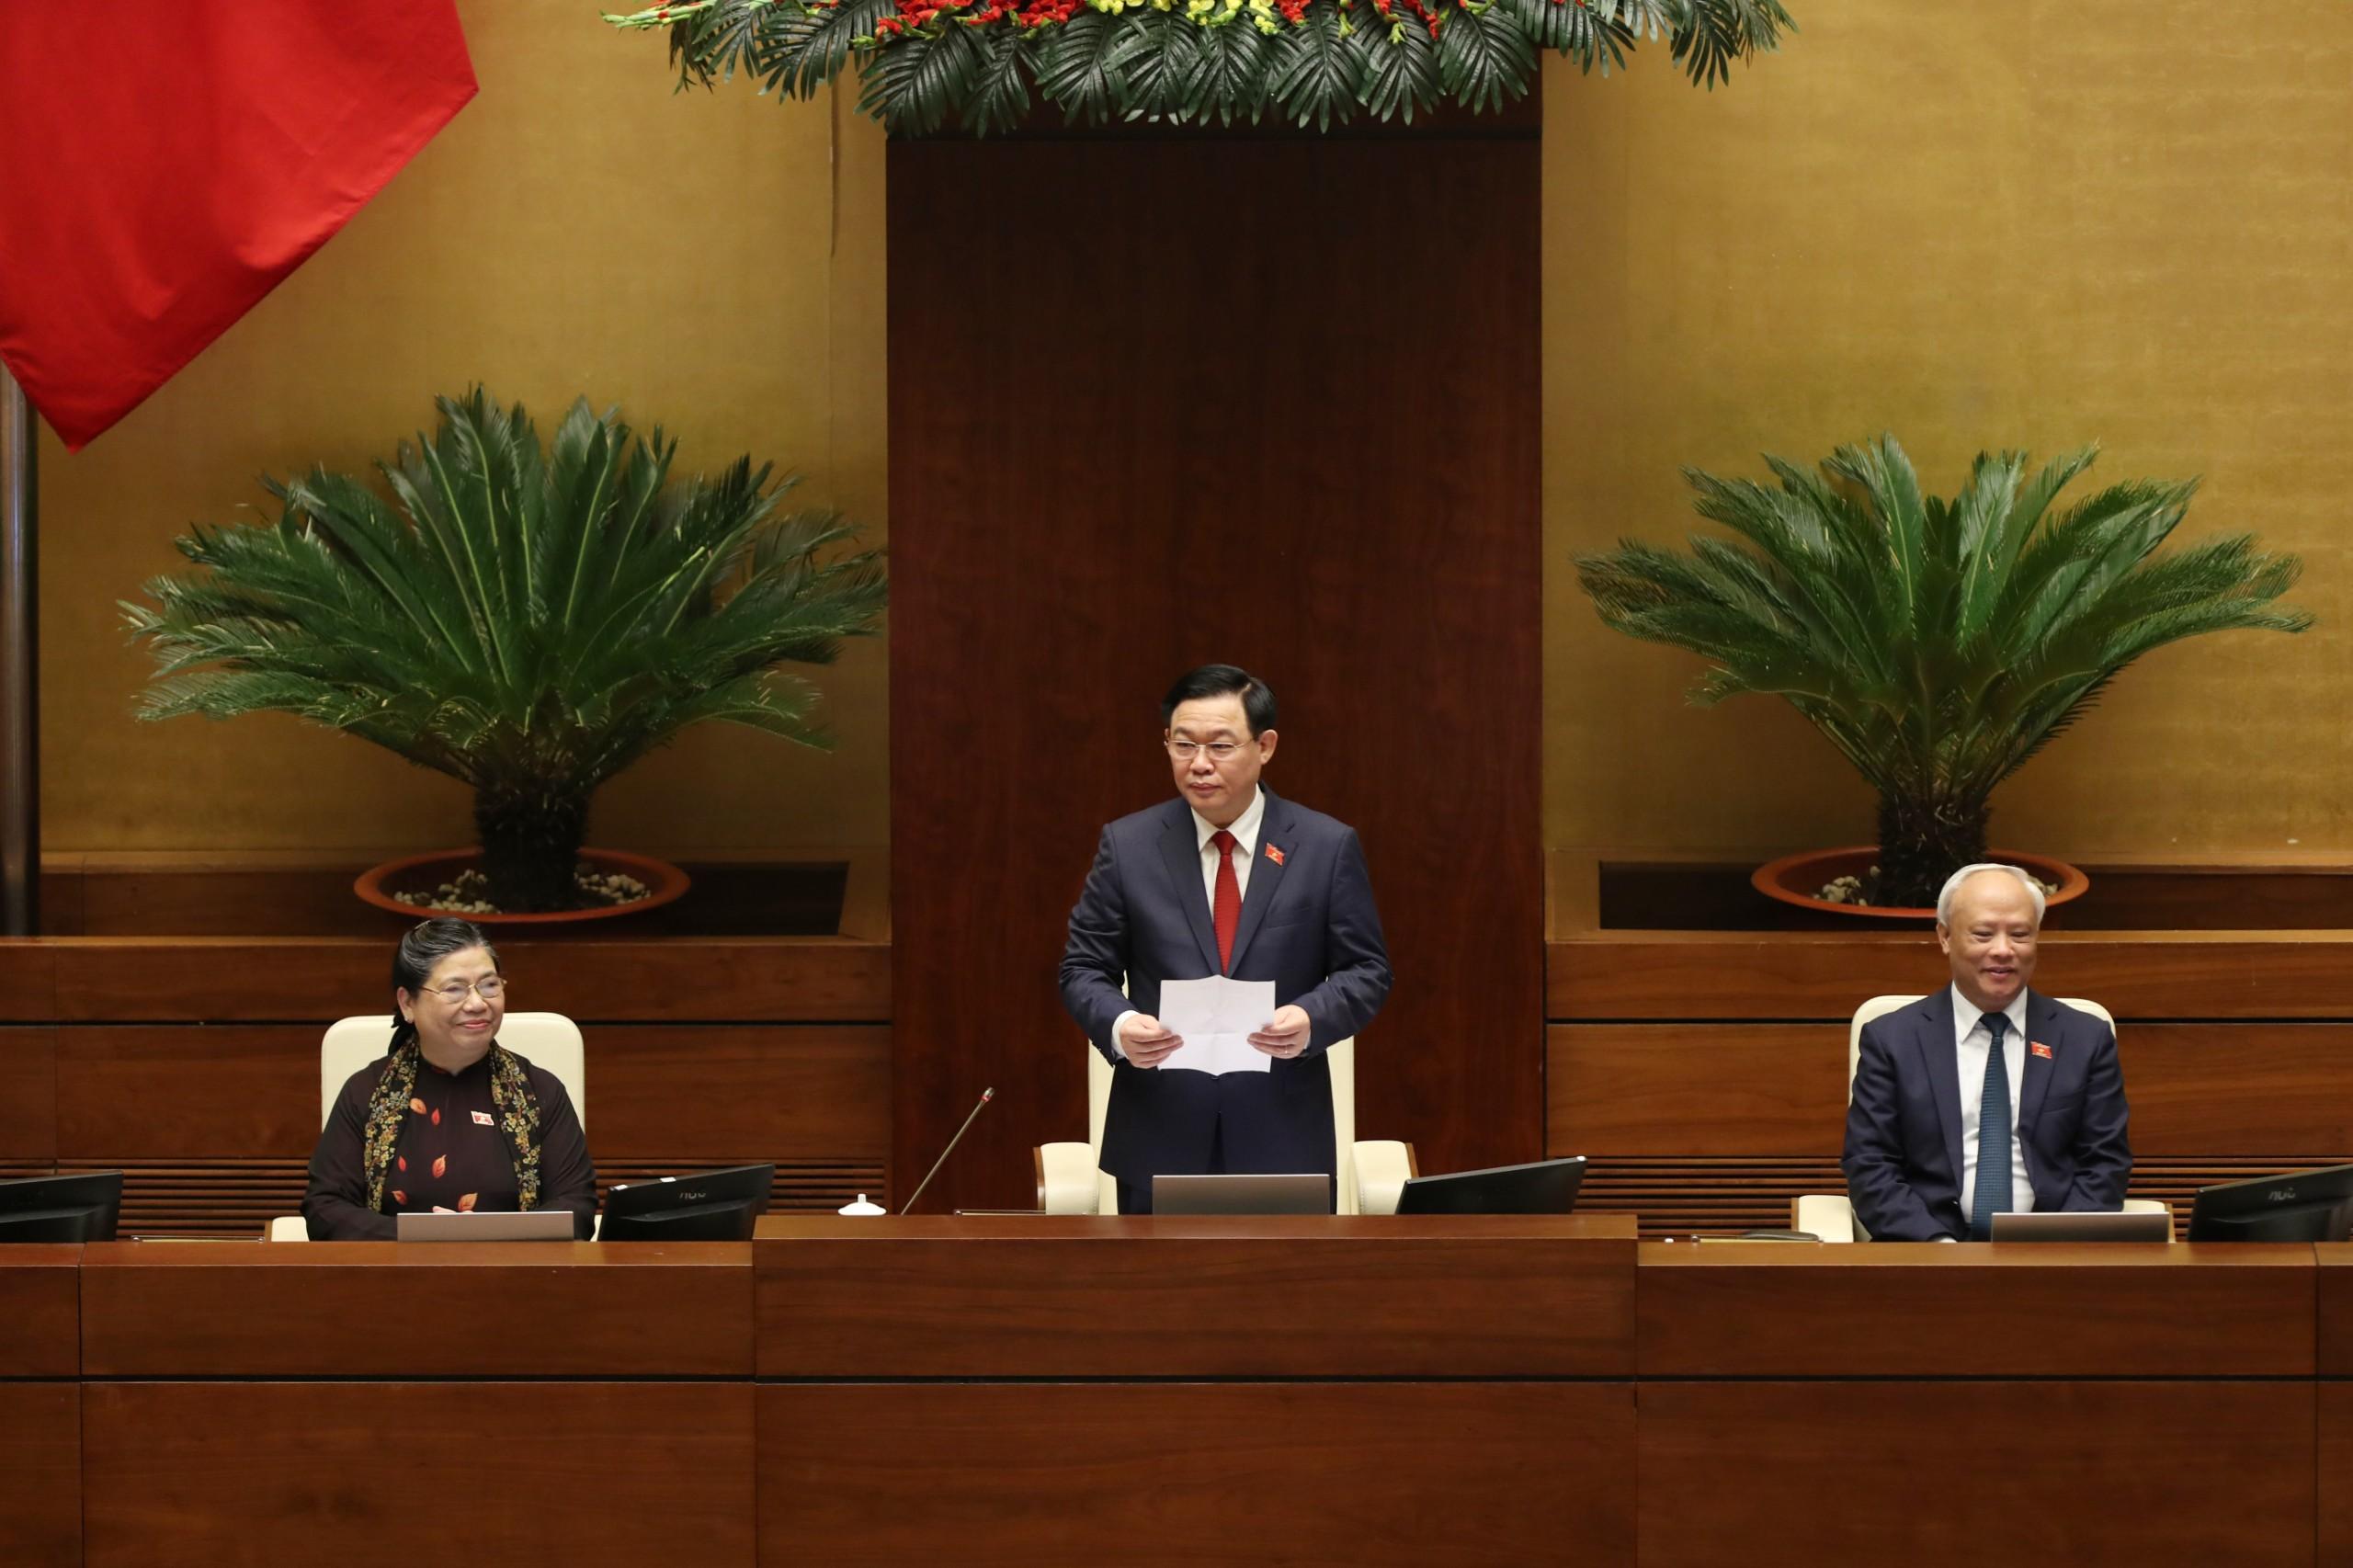 Chùm ảnh: Tân Chủ tịch Quốc hội tuyên thệ nhậm chức, điều hành phiên họp - Ảnh 7